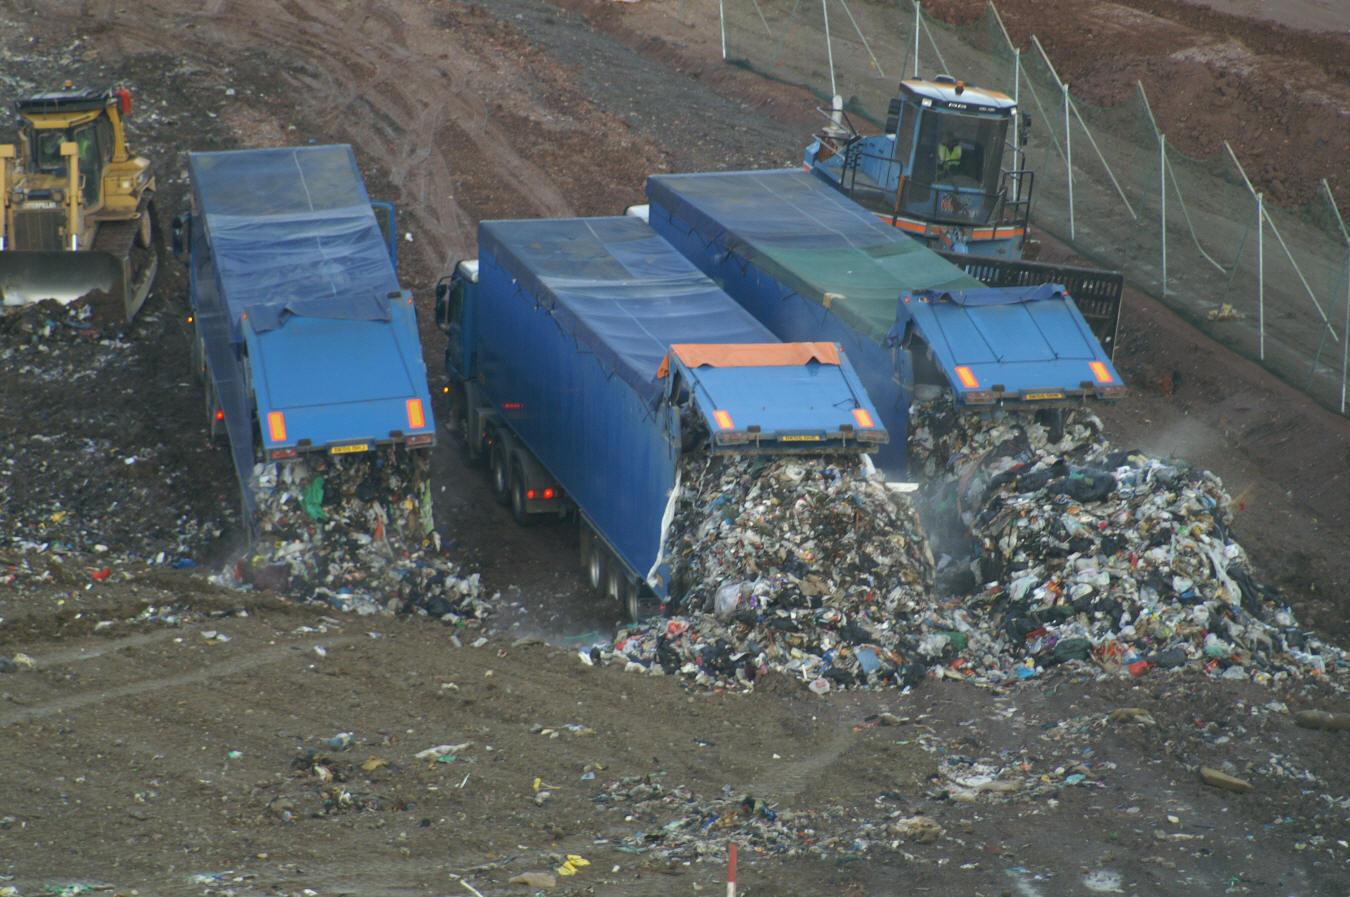 Hafod Landfill